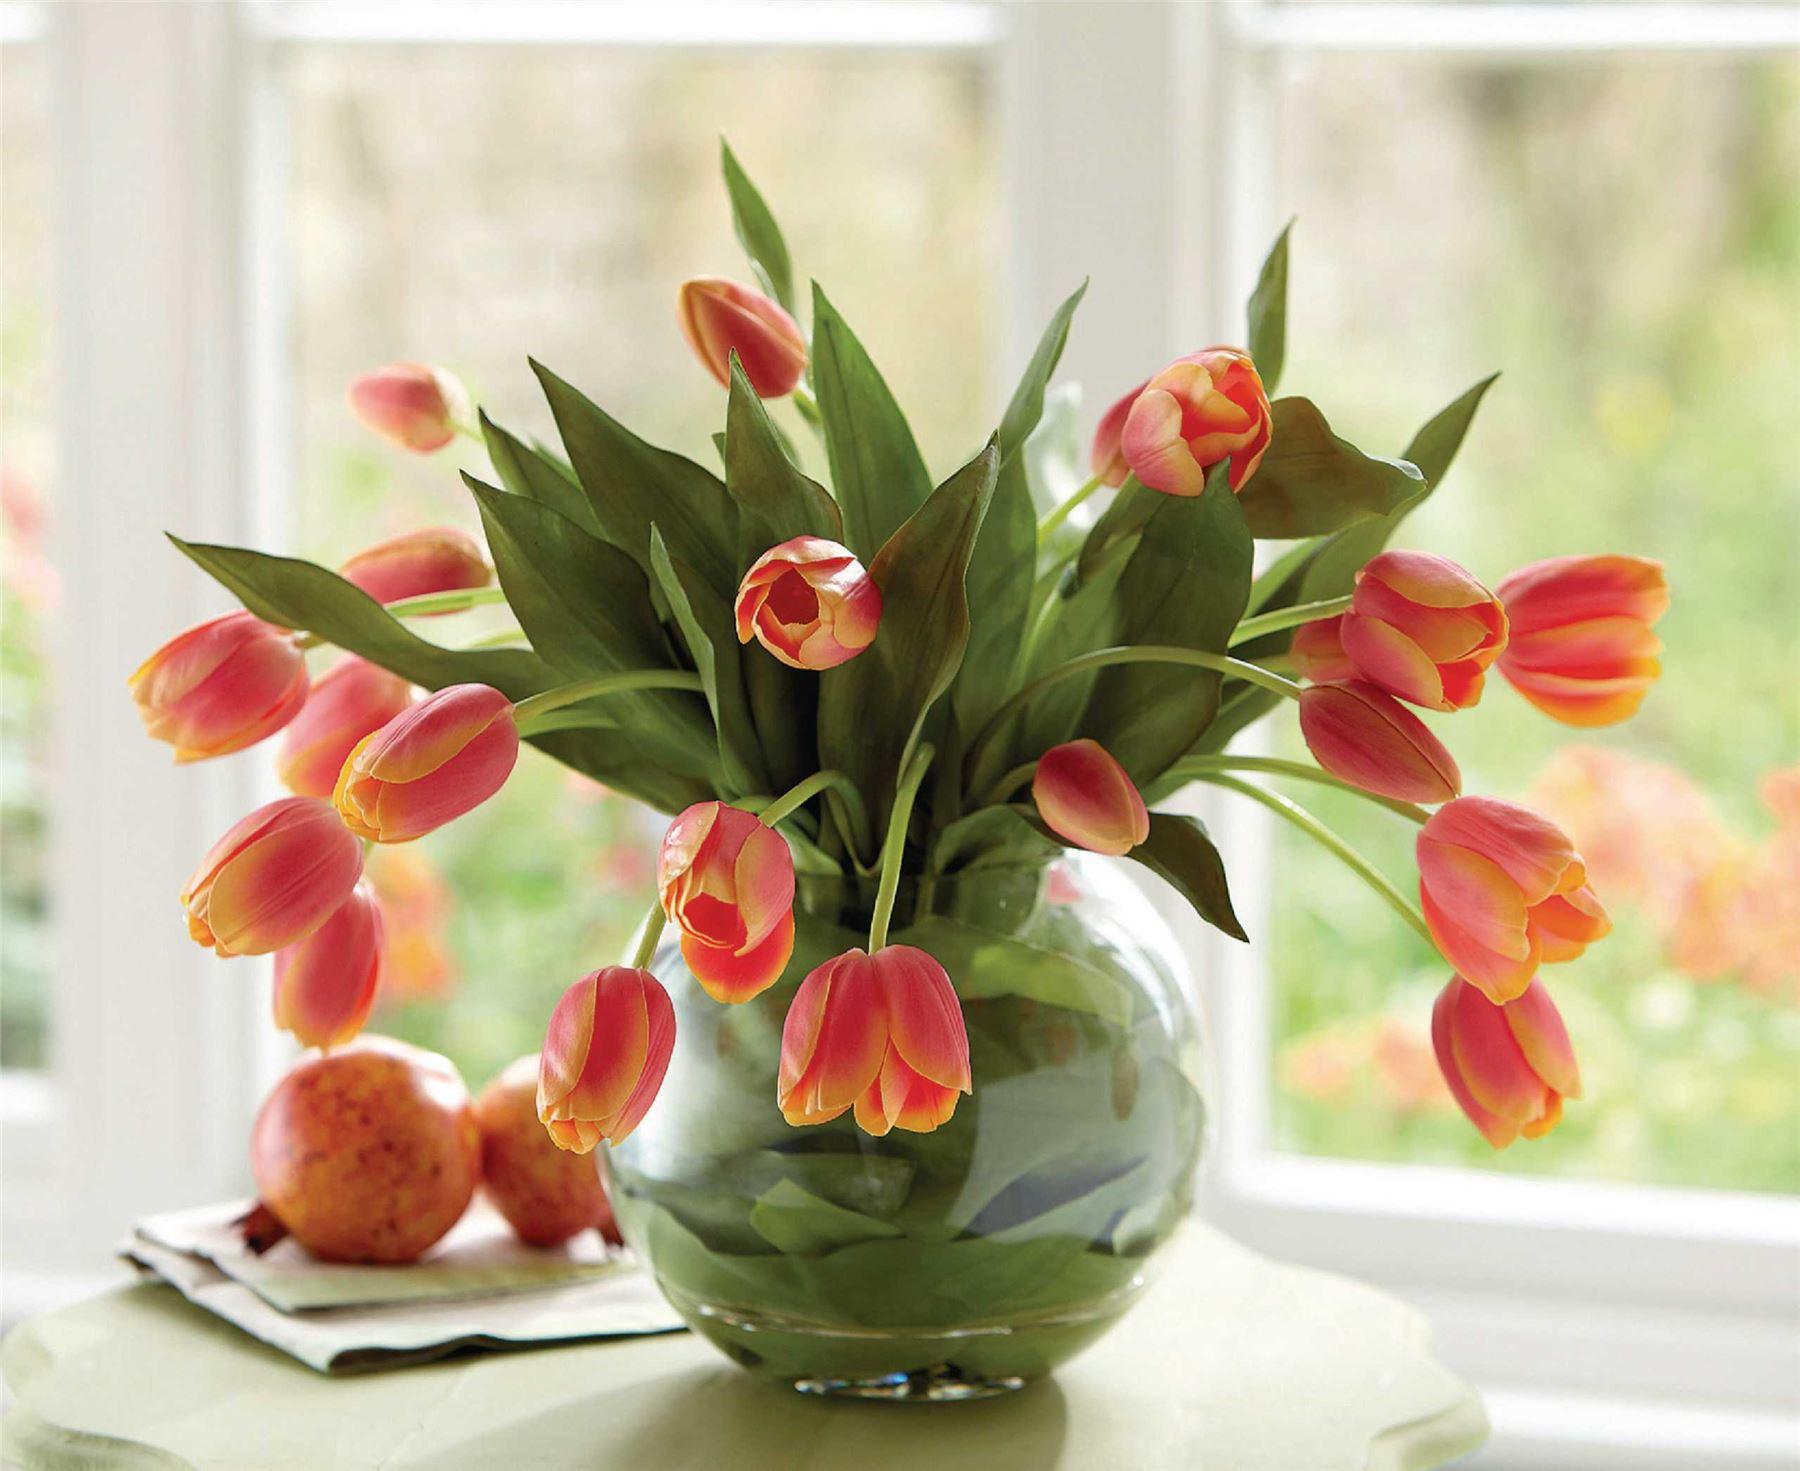 Bloom Large Coral Tulip Bowl Arrangement Leaf Lined Glass